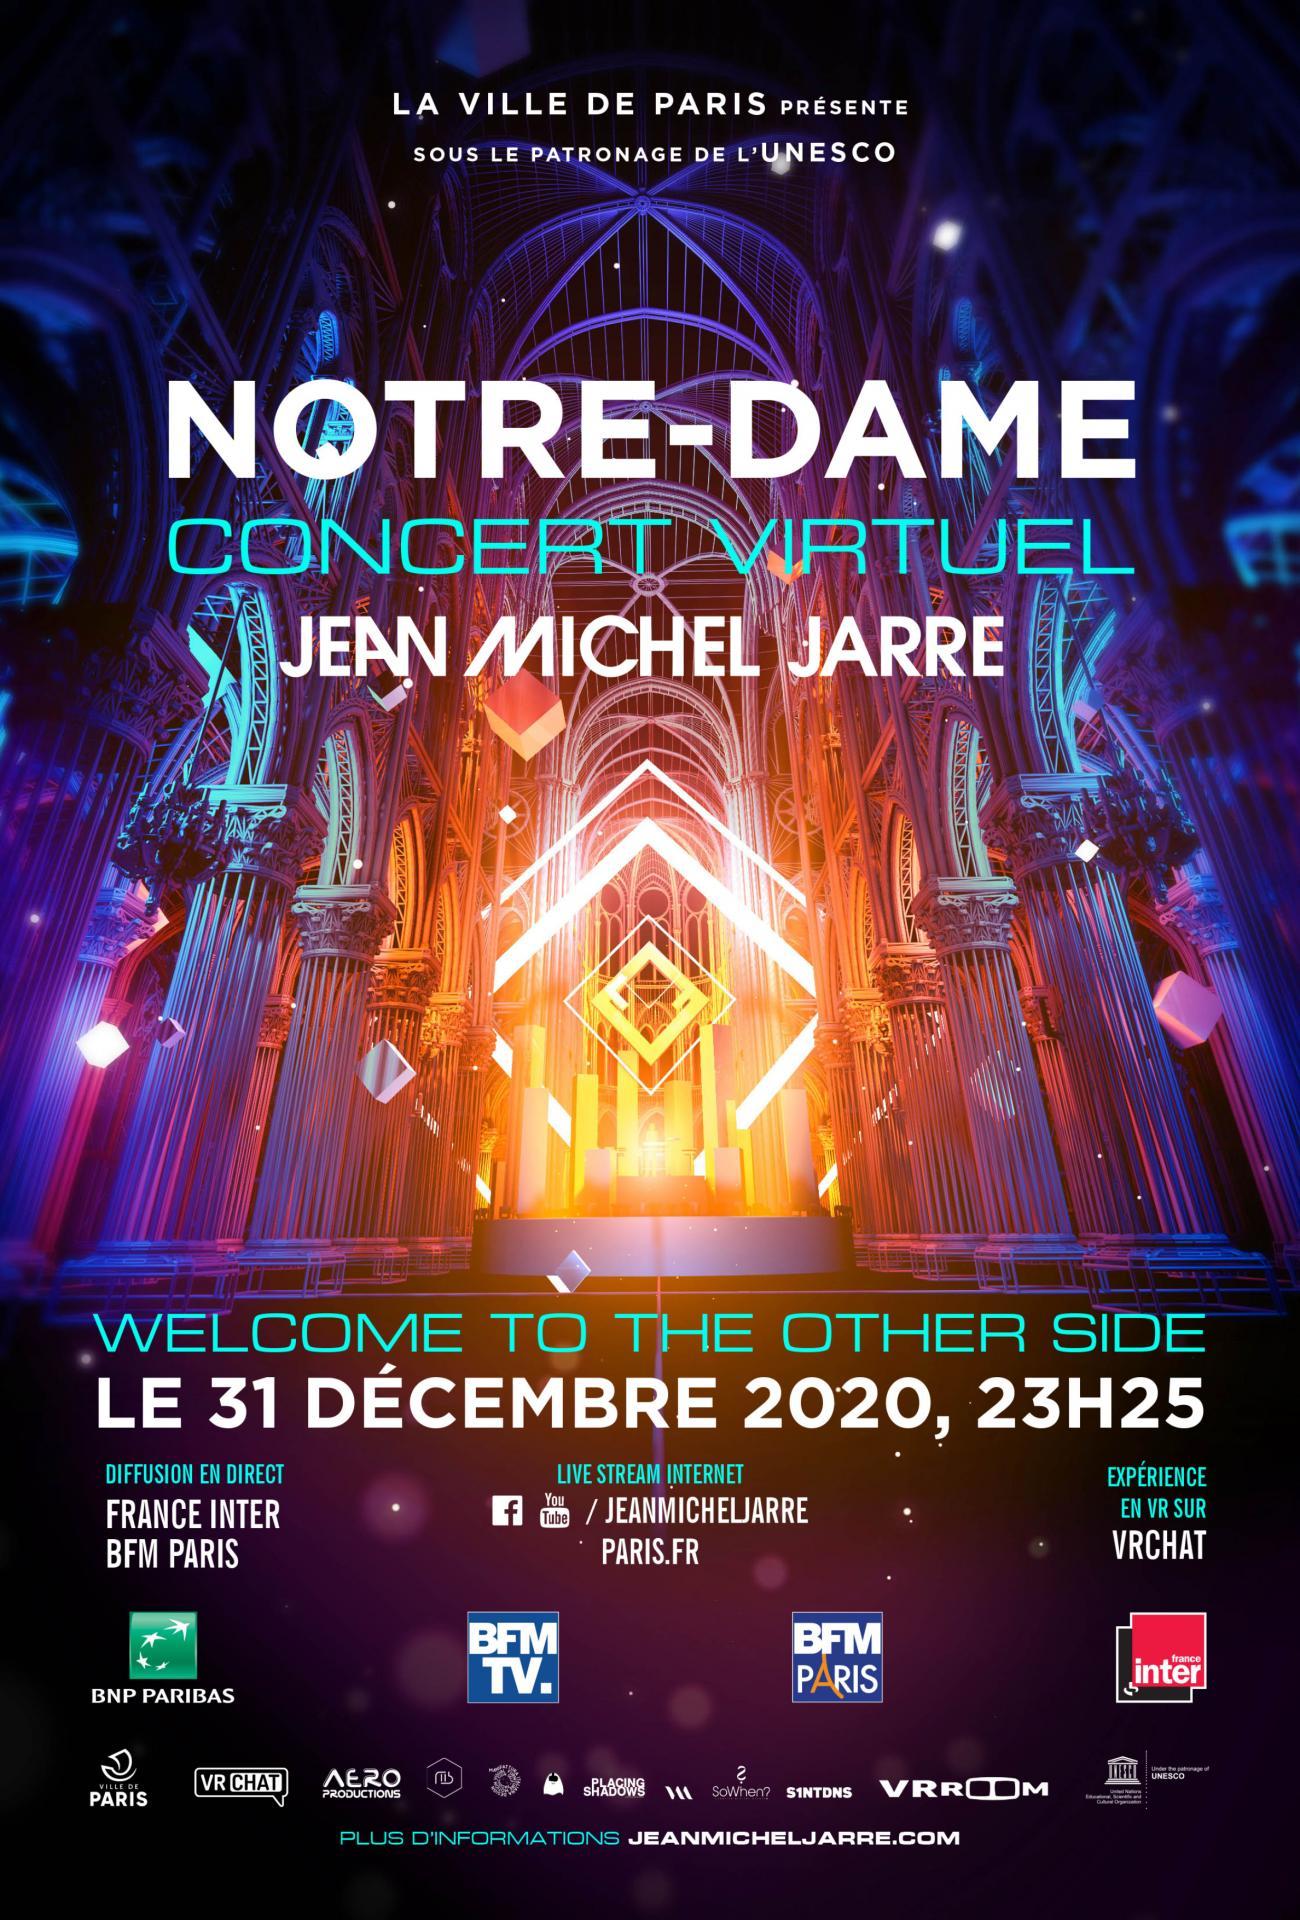 A noter votre rendez-vous avec Jean-Michel Jarre !